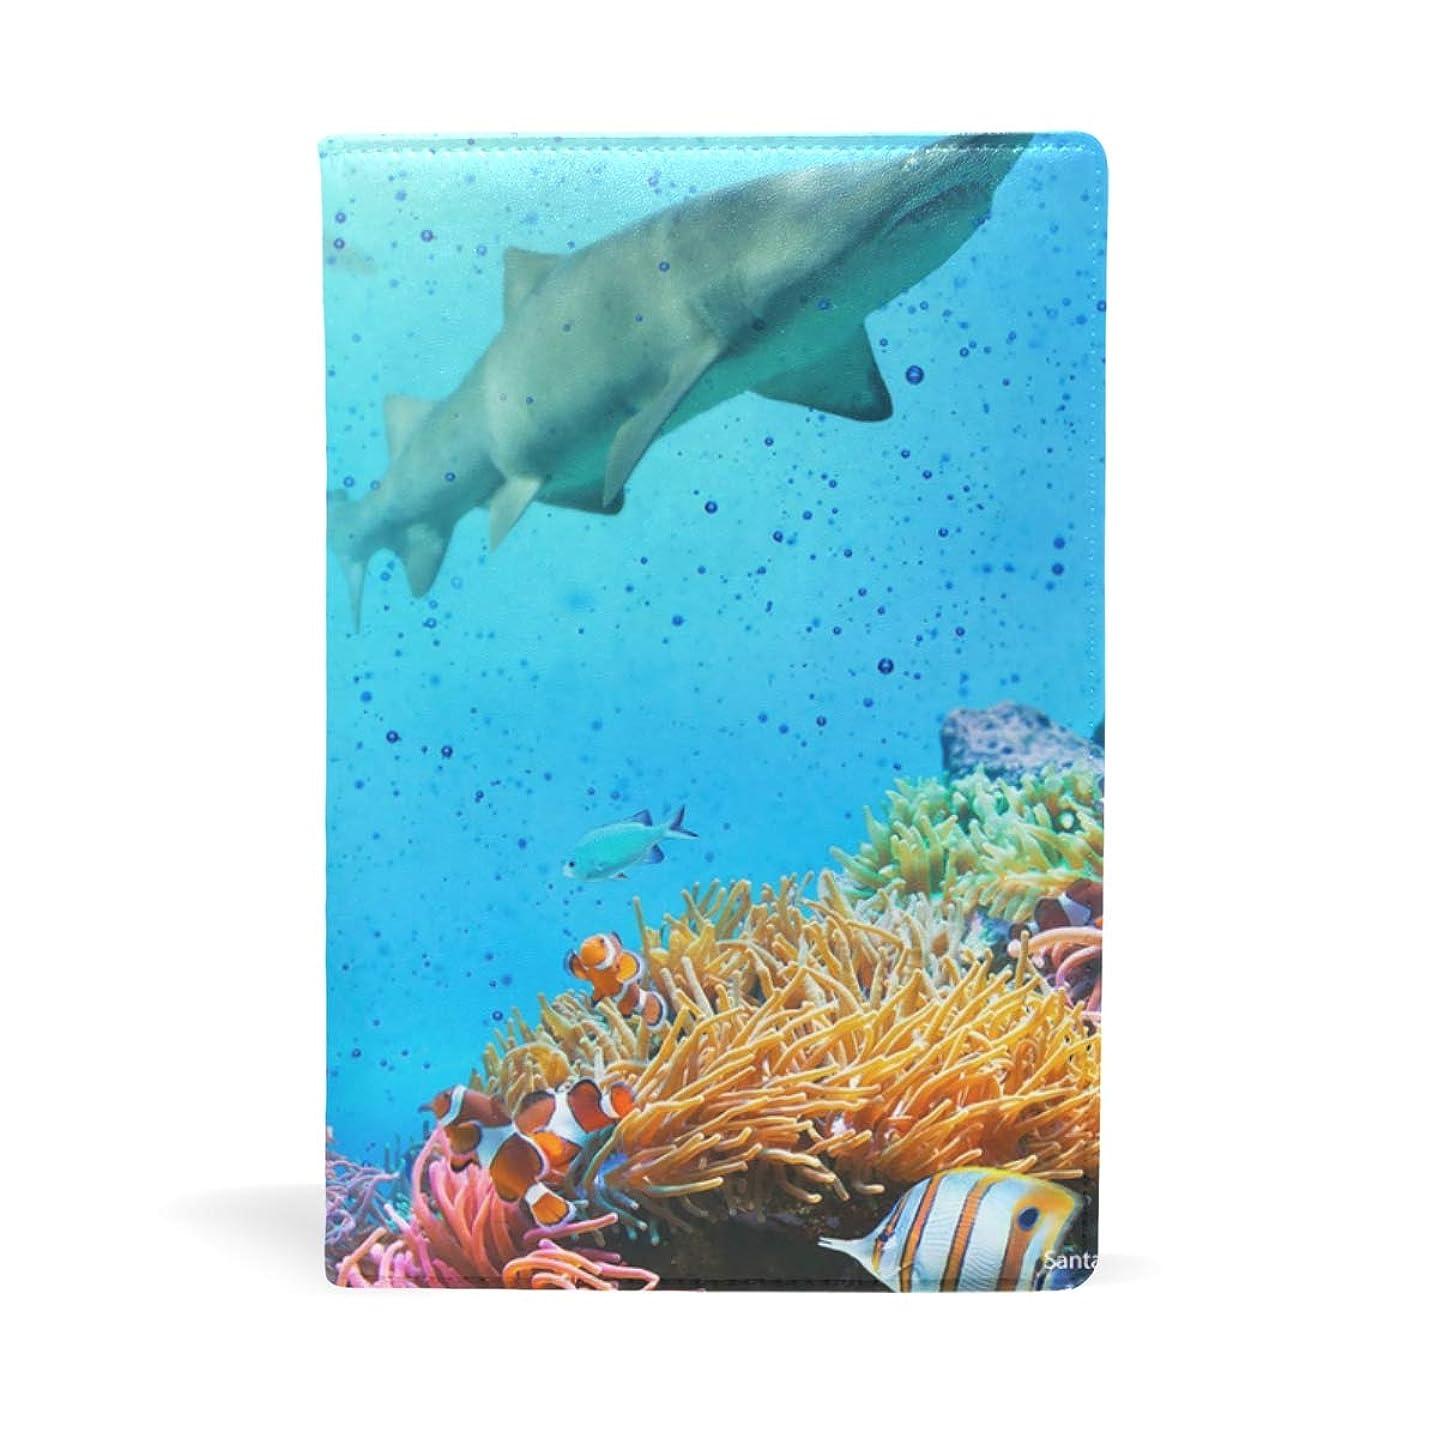 ホールド孤独コンバーチブルサンゴ サメ ブックカバー 文庫 a5 皮革 おしゃれ 文庫本カバー 資料 収納入れ オフィス用品 読書 雑貨 プレゼント耐久性に優れ